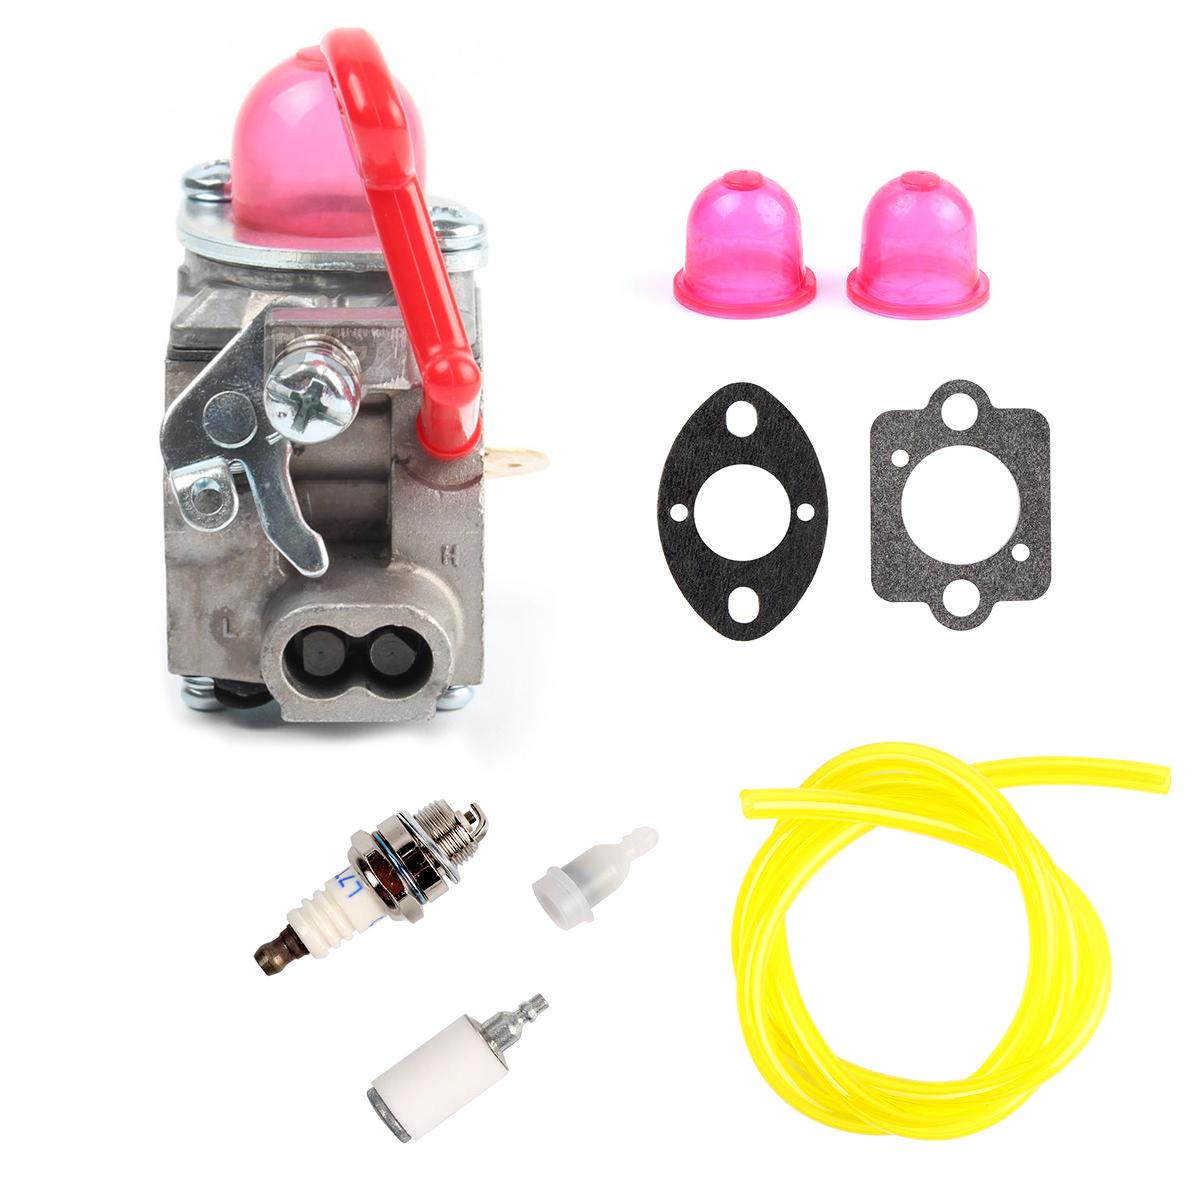 Carburetor Fuel Filter Fuel line For Poulan 545081855 BVM200C Craftsman  Blowers